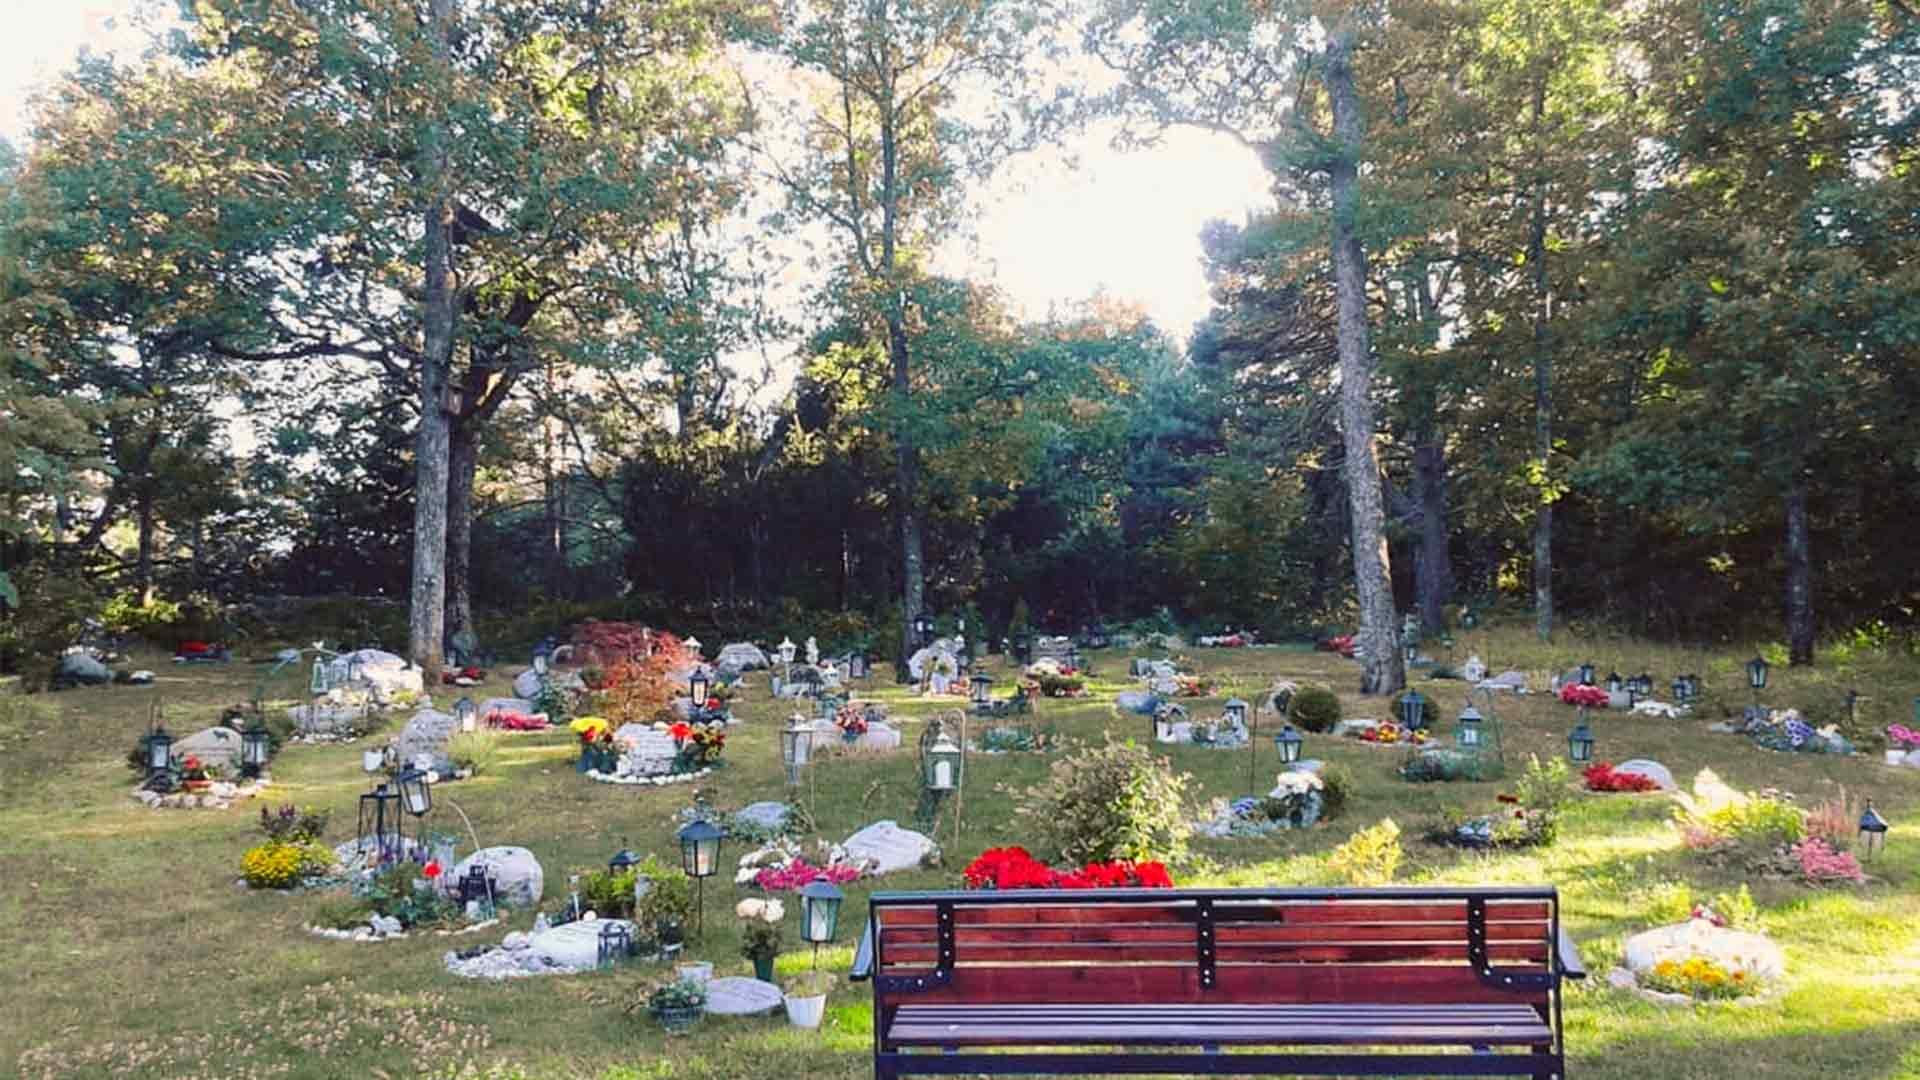 Hangi Dinlerde Ölüler Yakılıyor?fit=thumb&w=418&h=152&q=80